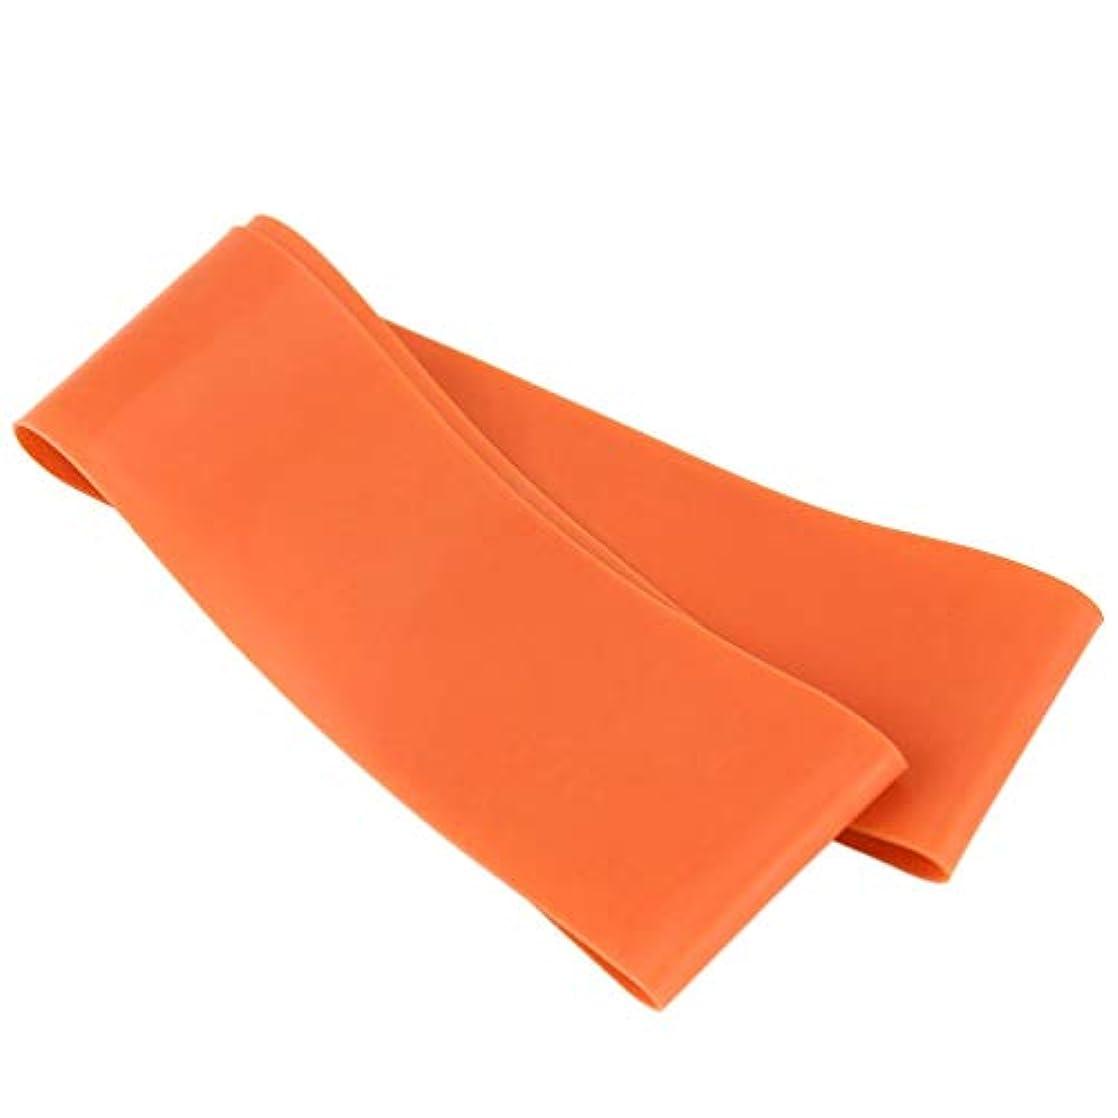 単に構想する威信滑り止めの伸縮性のあるゴム製伸縮性がある伸縮性があるヨガベルトバンド引きロープの張力抵抗バンドループ強度のためのフィットネスヨガツール - オレンジ